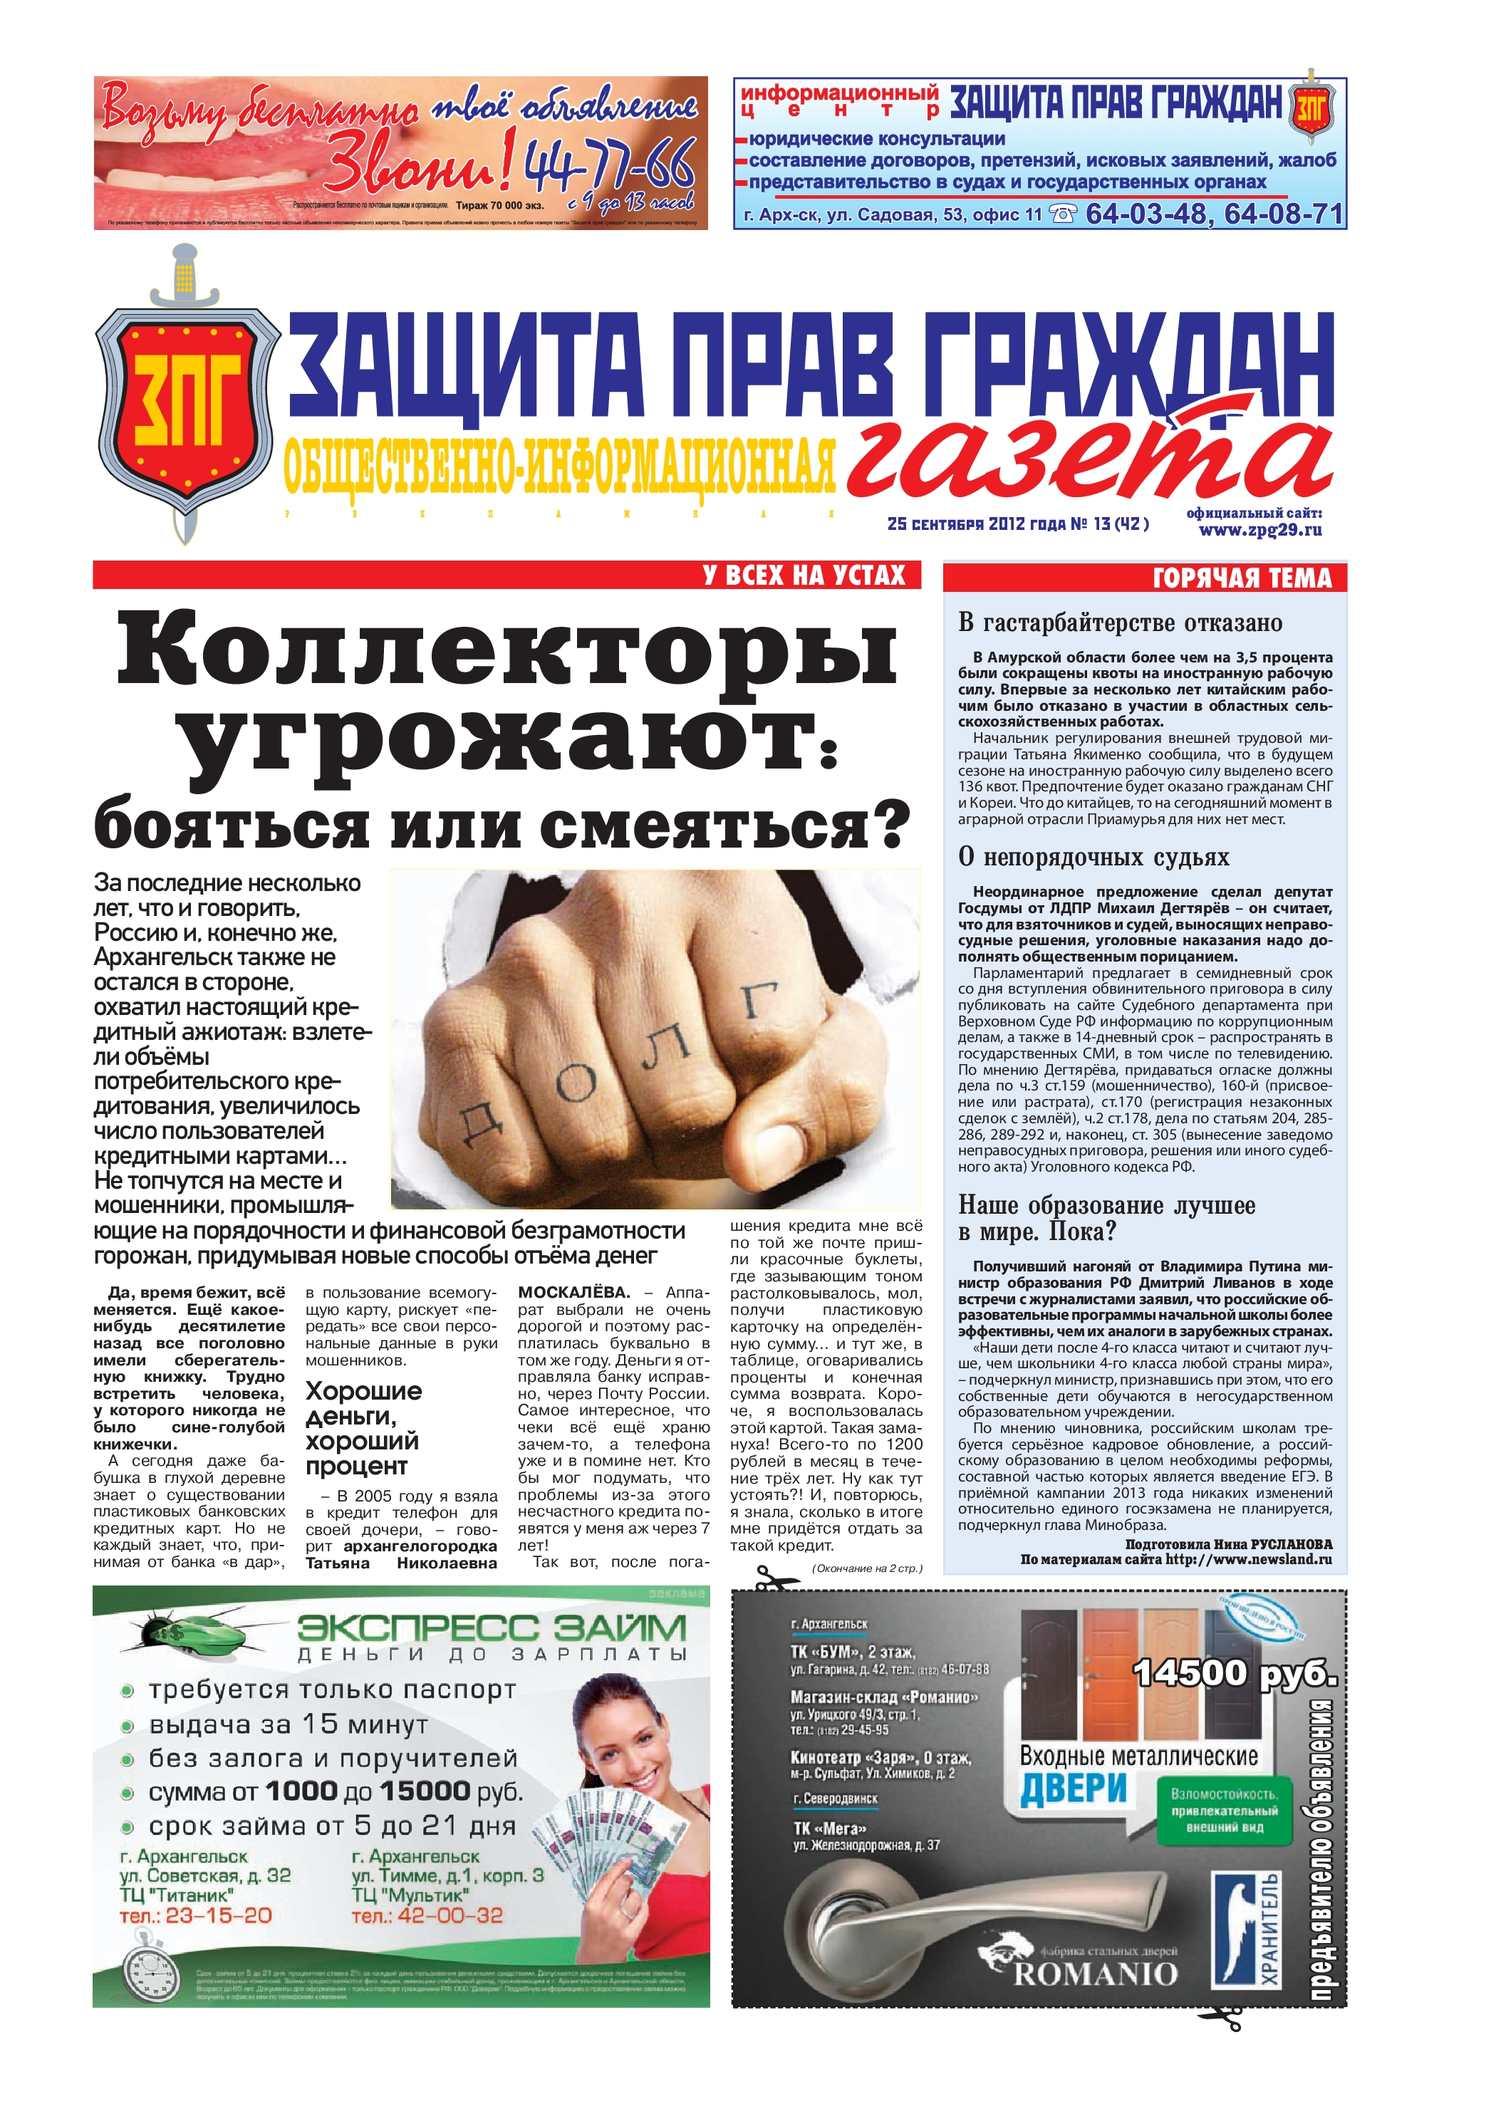 Купить справку 2 ндфл Кадырова улица где можно купить бланк трудовой книжки в москве